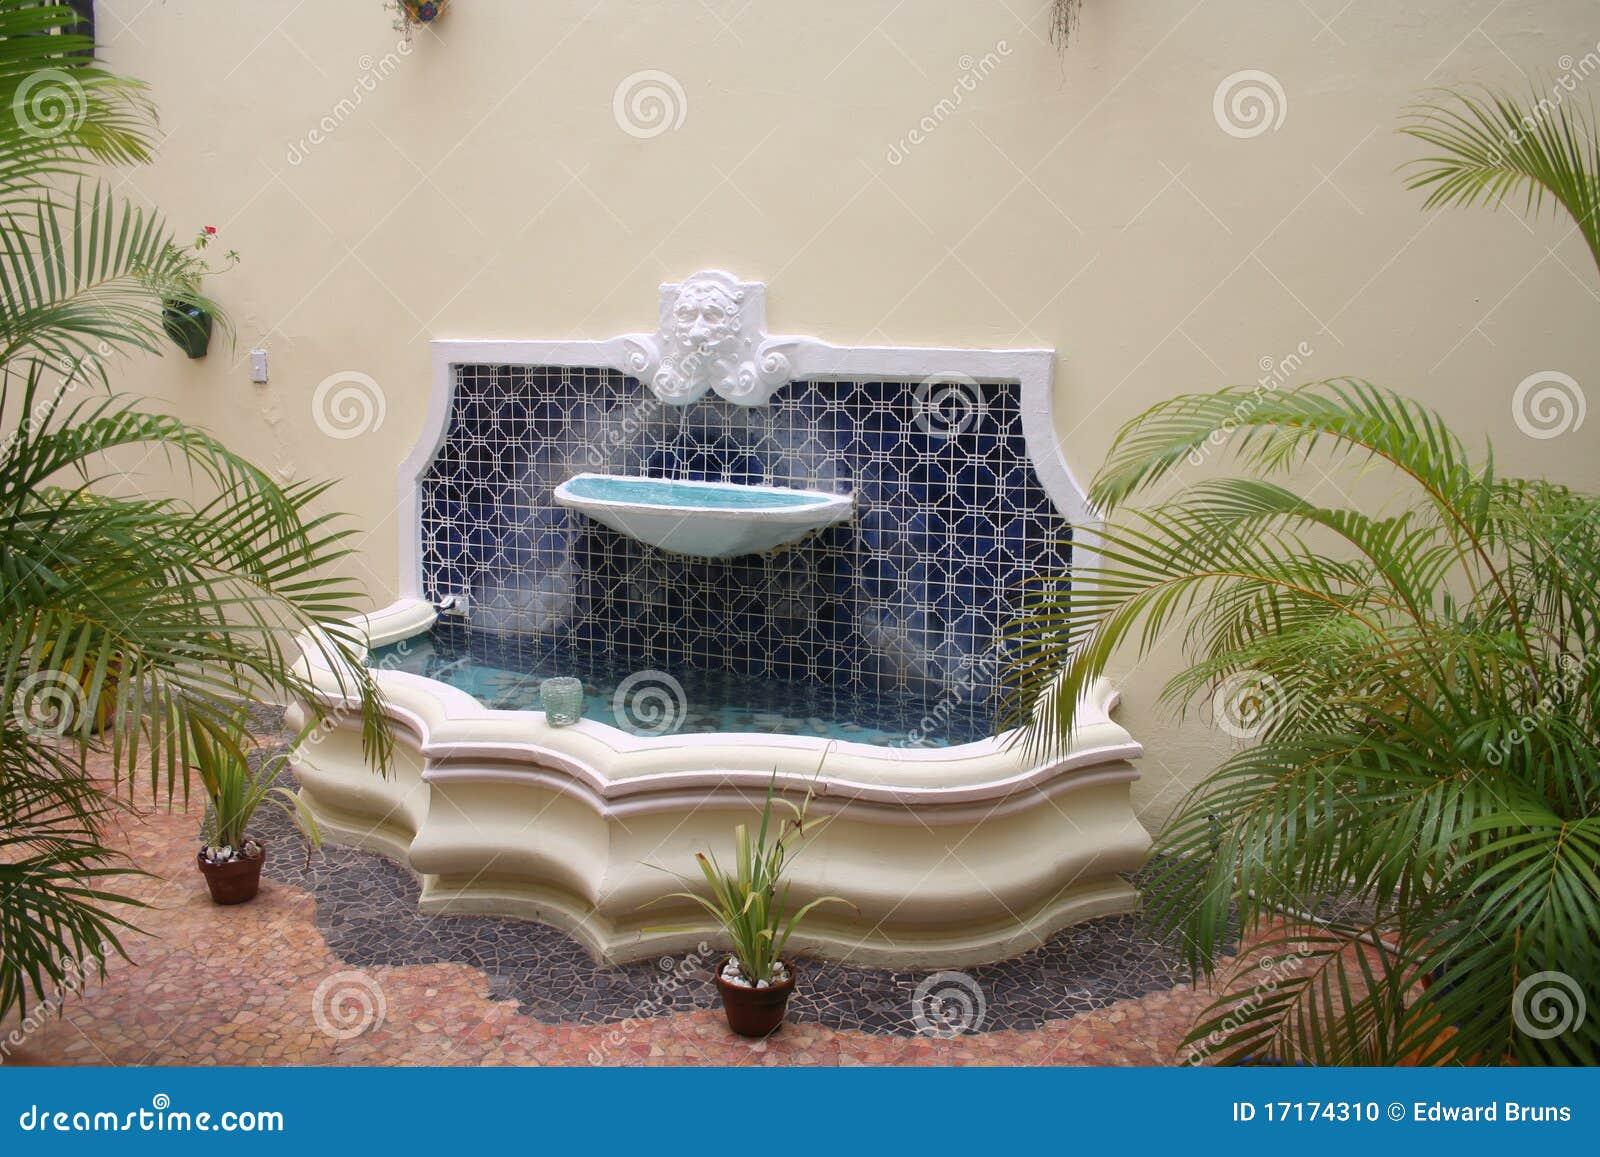 Fuente del patio foto de archivo Imagen de vivienda 17174310